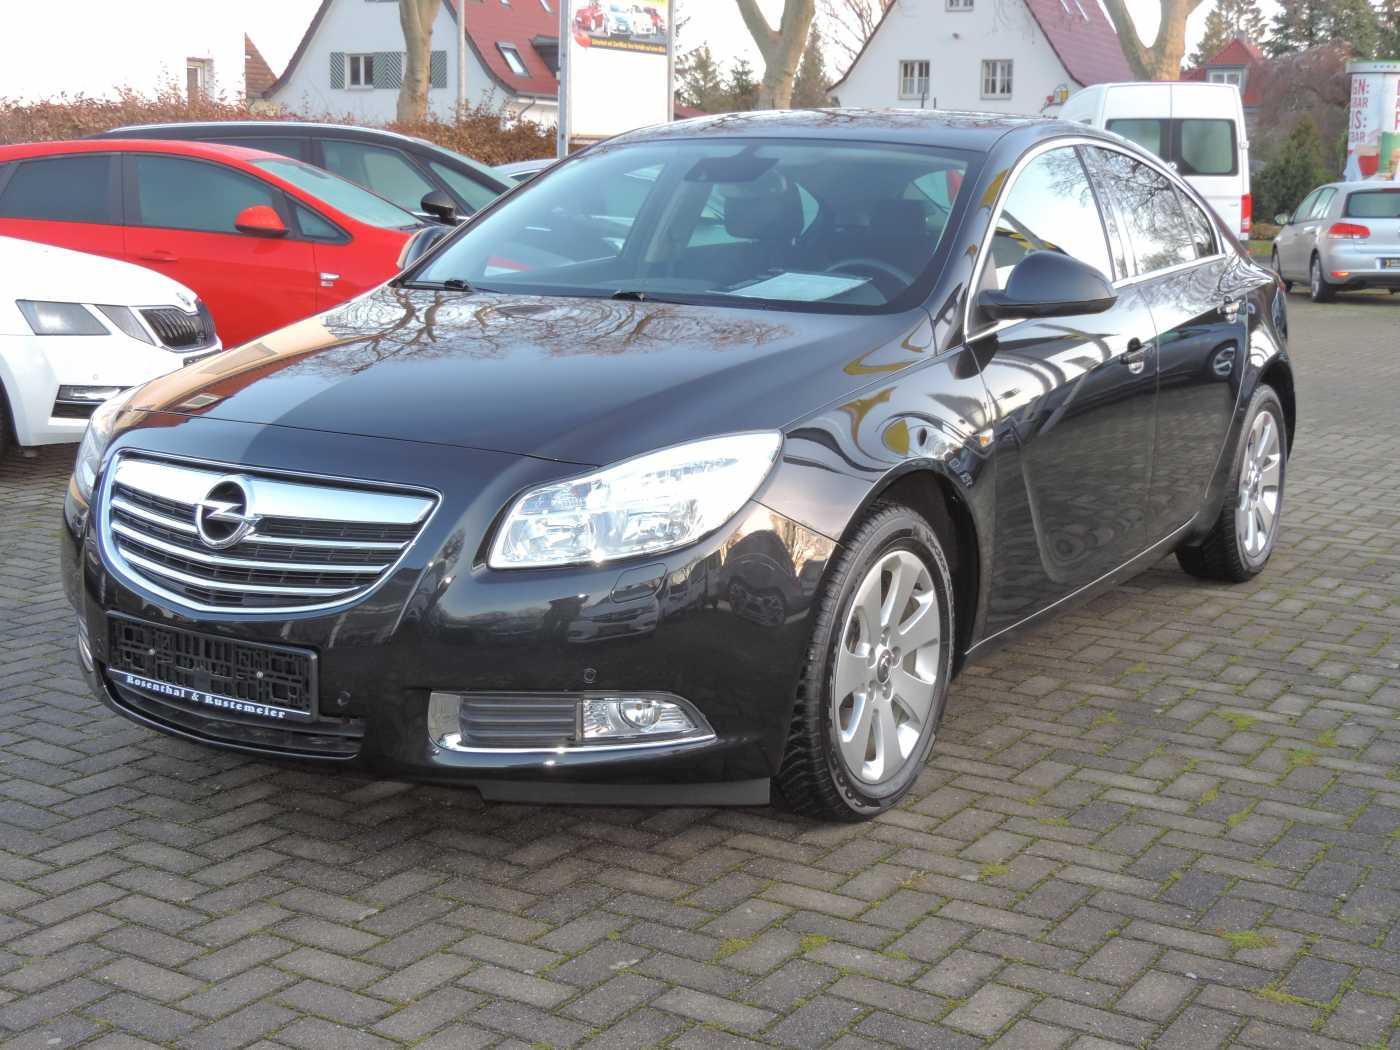 Opel Insignia 2.0 CDTI Edition, Jahr 2012, diesel